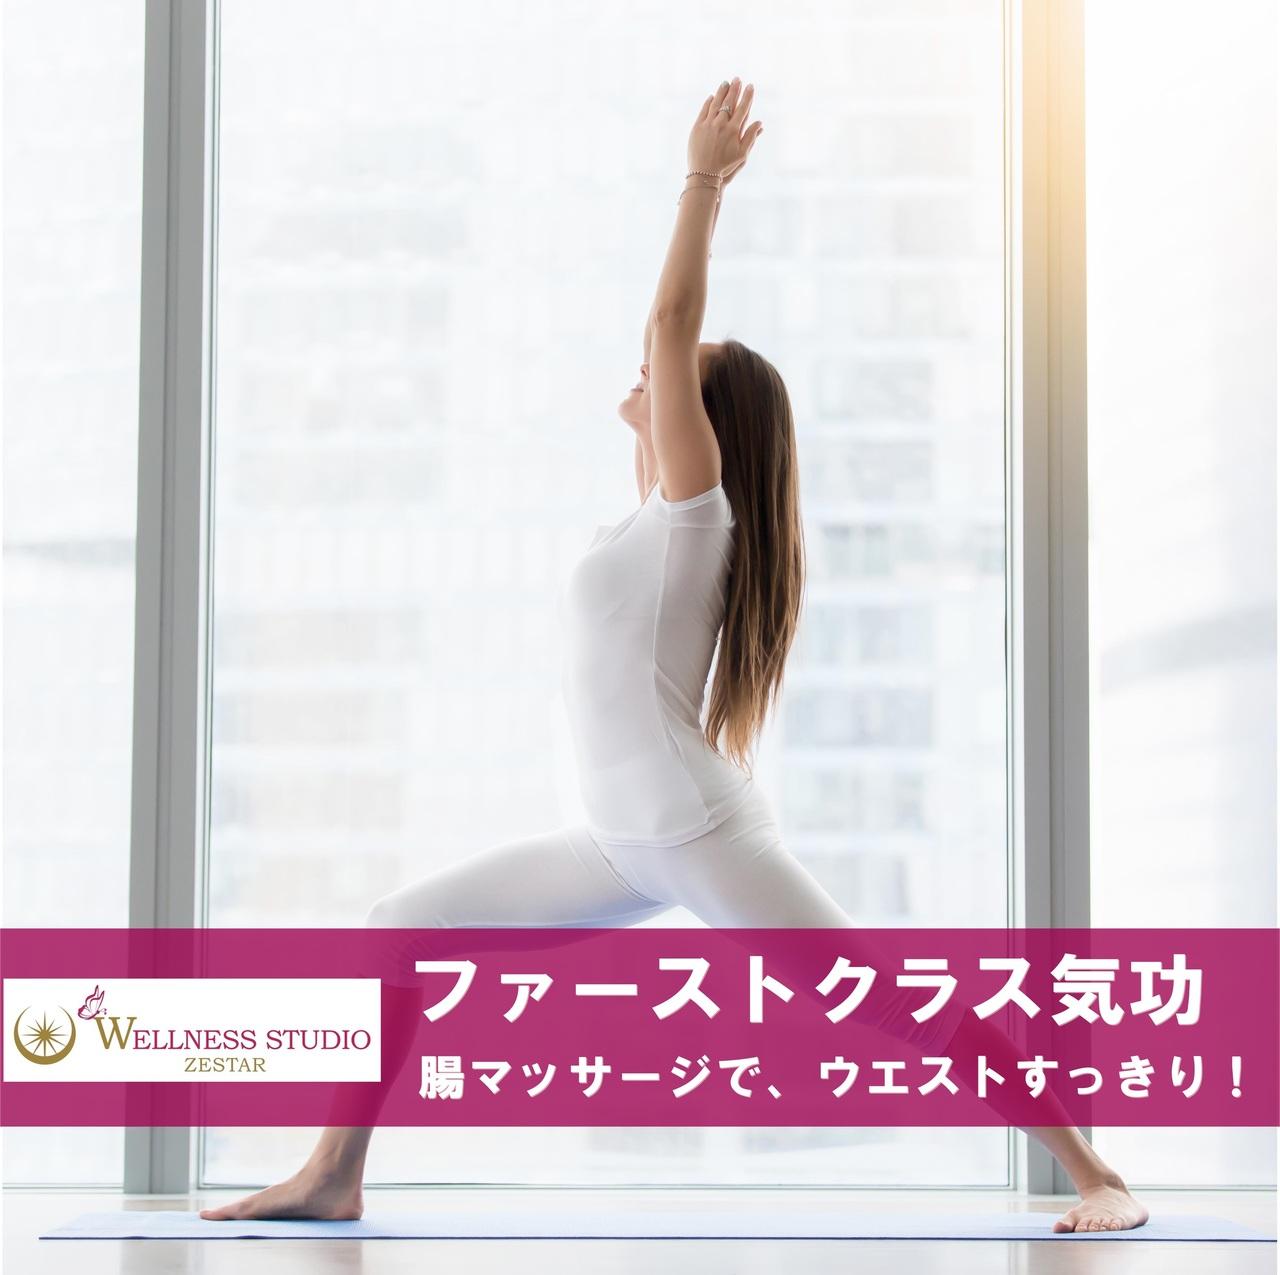 気功クラス ~気功ストレッチ+ご要望に応じたレッスン~(少人数制定員4名)